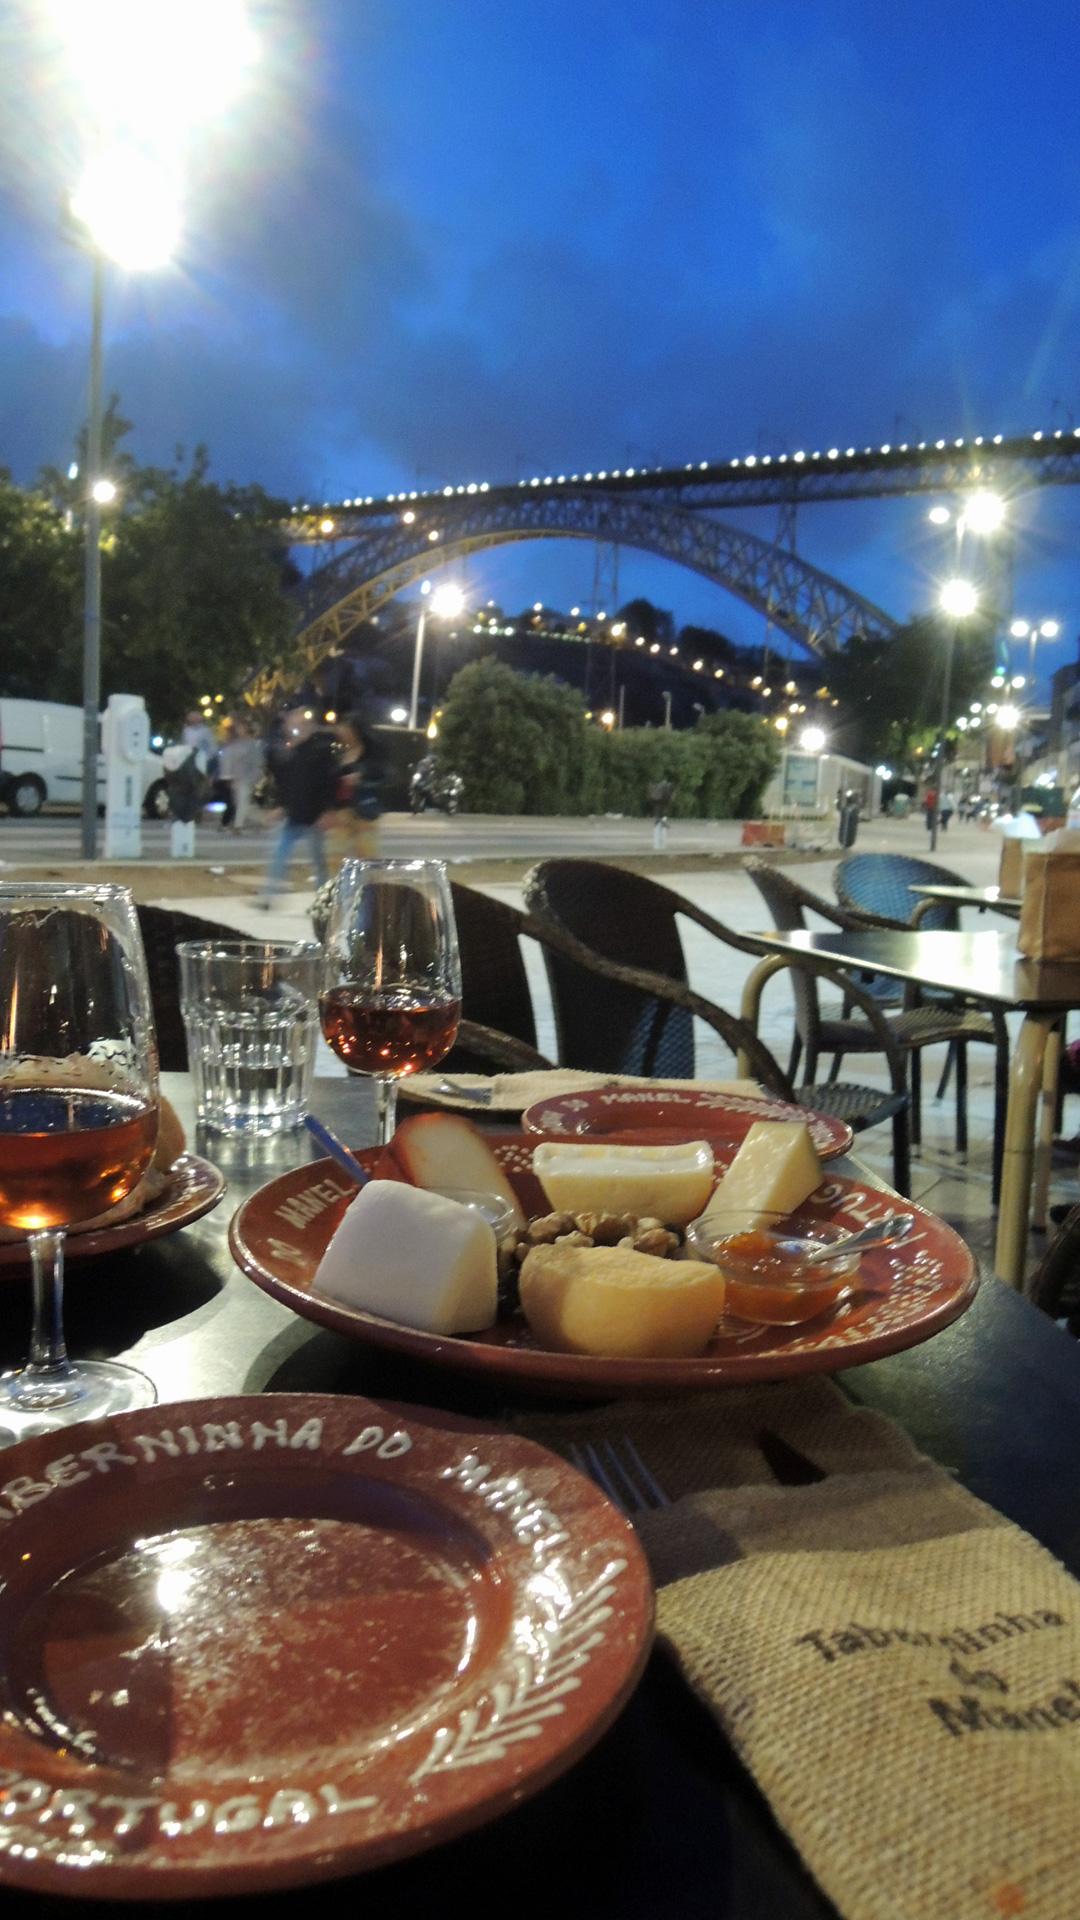 Genieten van Port en een kaasplankje op de Avenida Diogo Leita boulevard